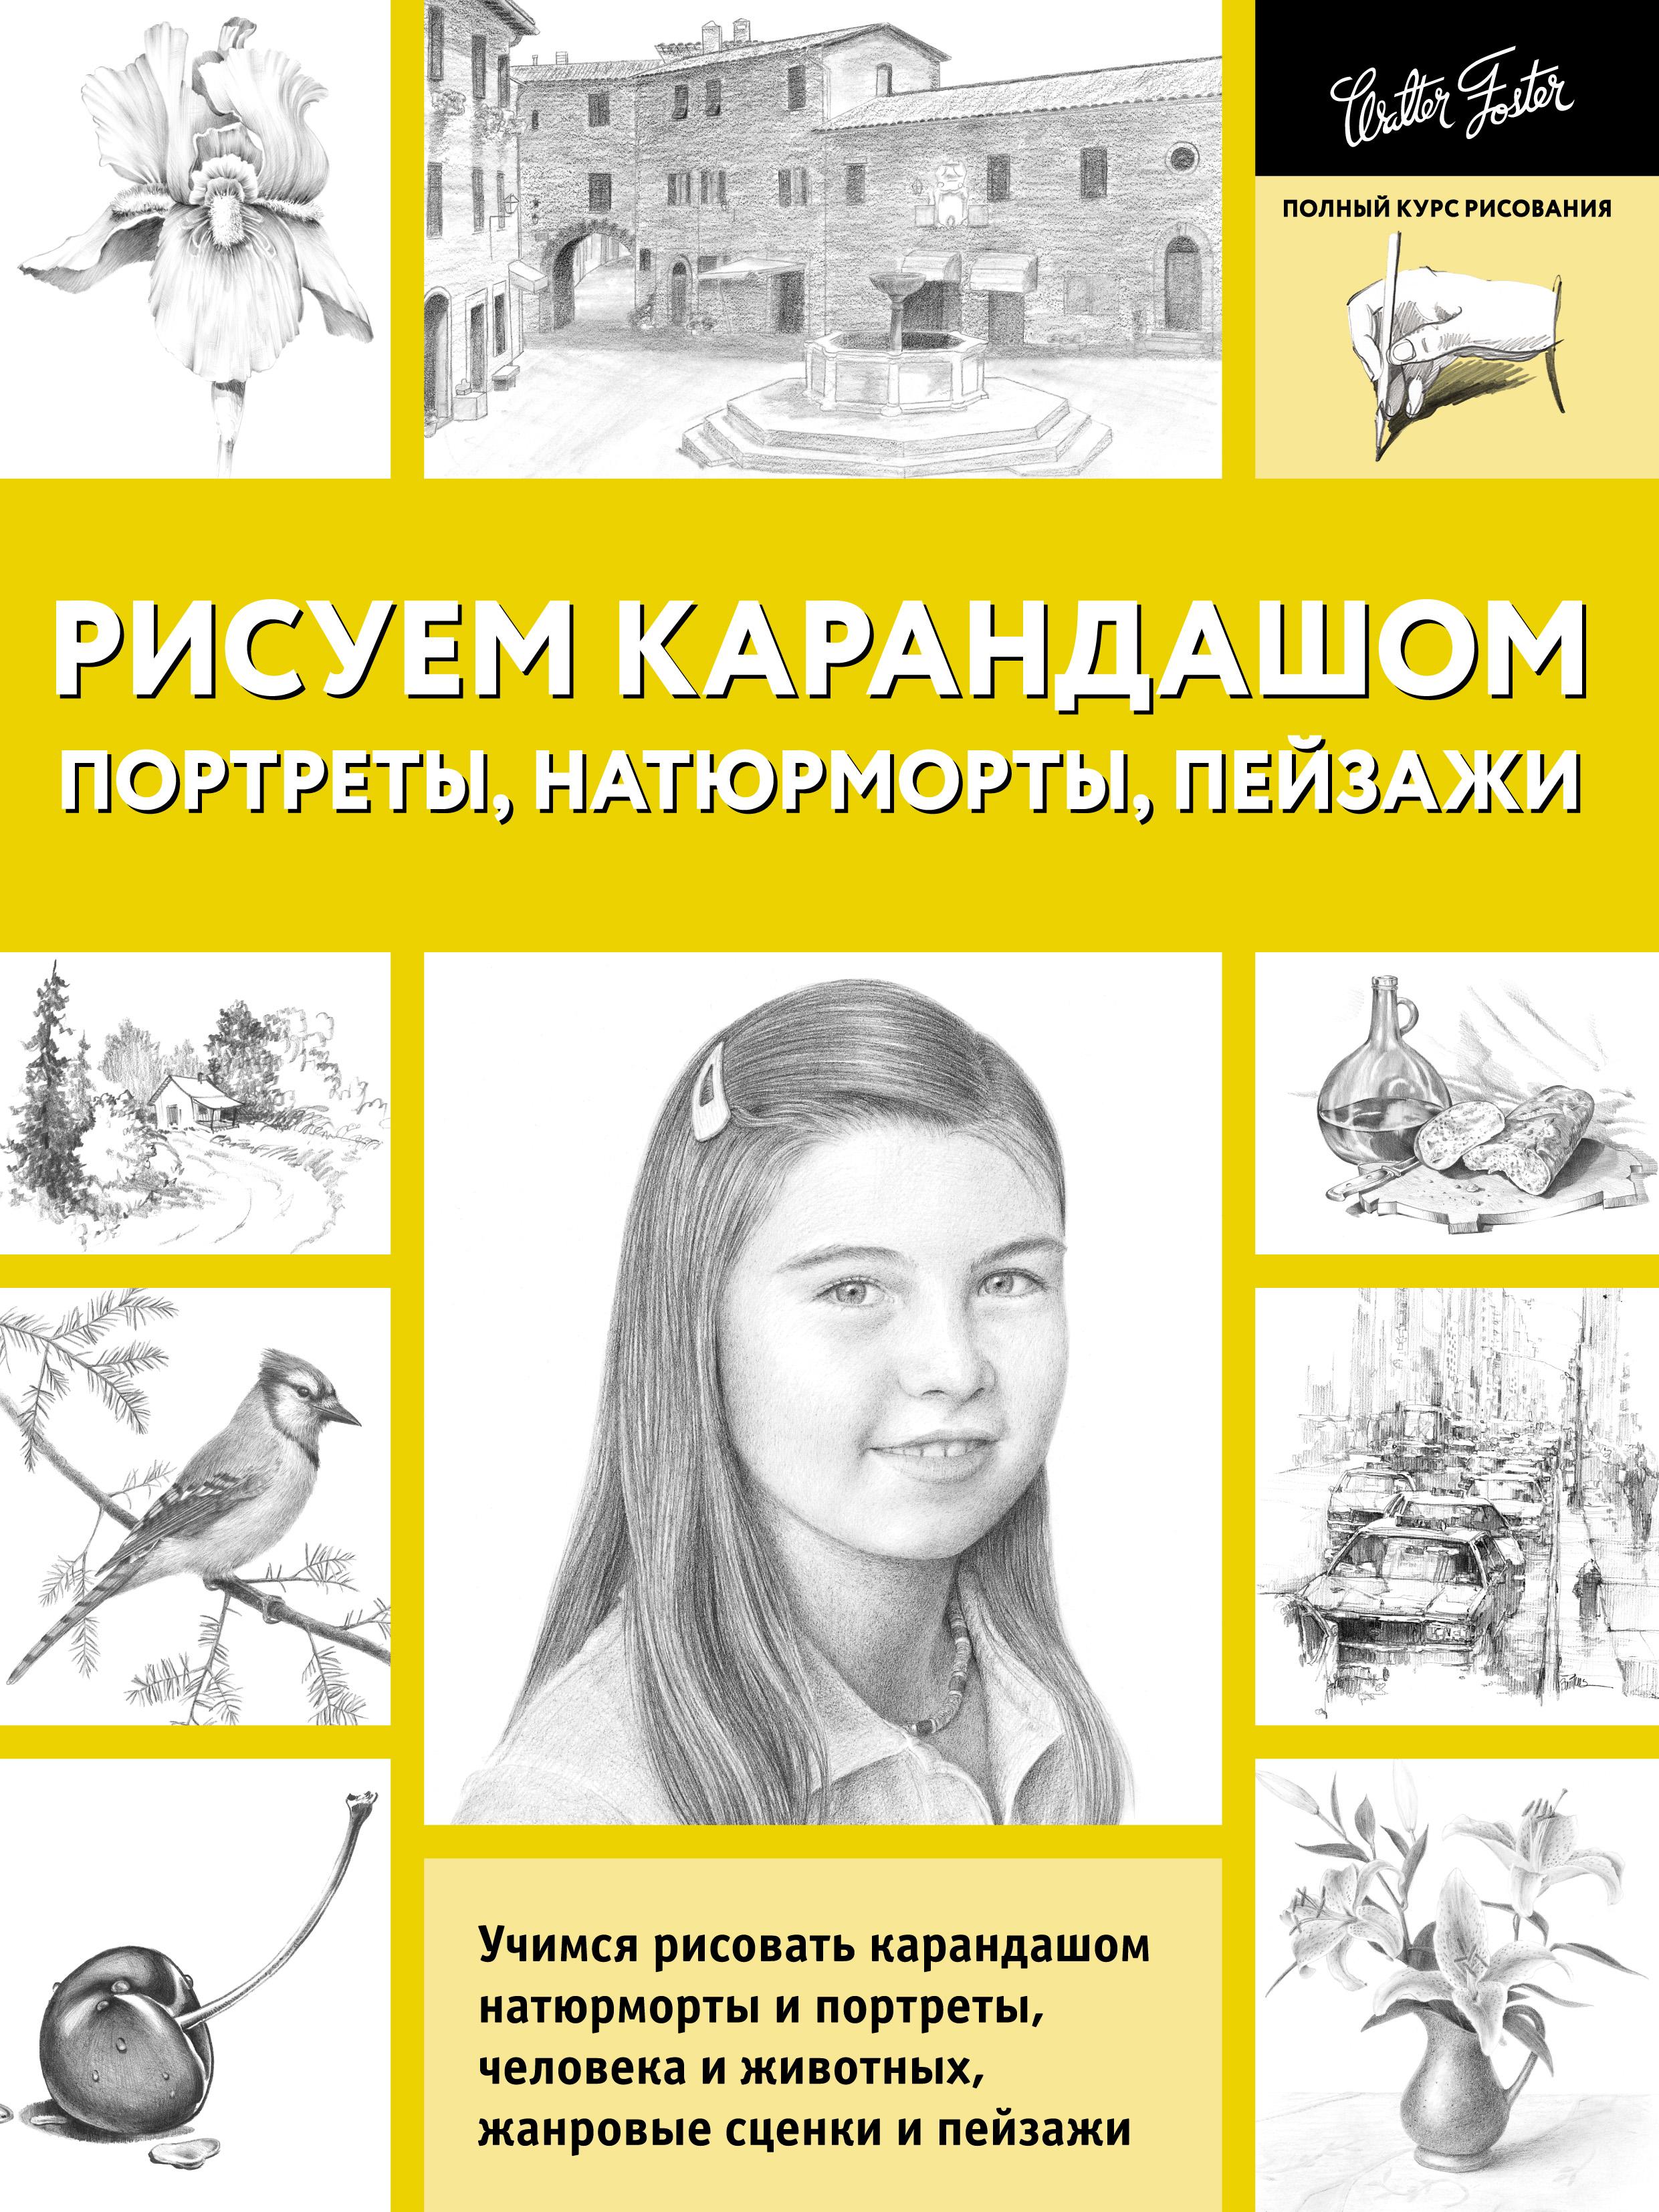 Коллектив авторов Рисуем карандашом портреты, натюрморты, пейзажи питер грей рисуем пейзажи базовый и продвинутый методы